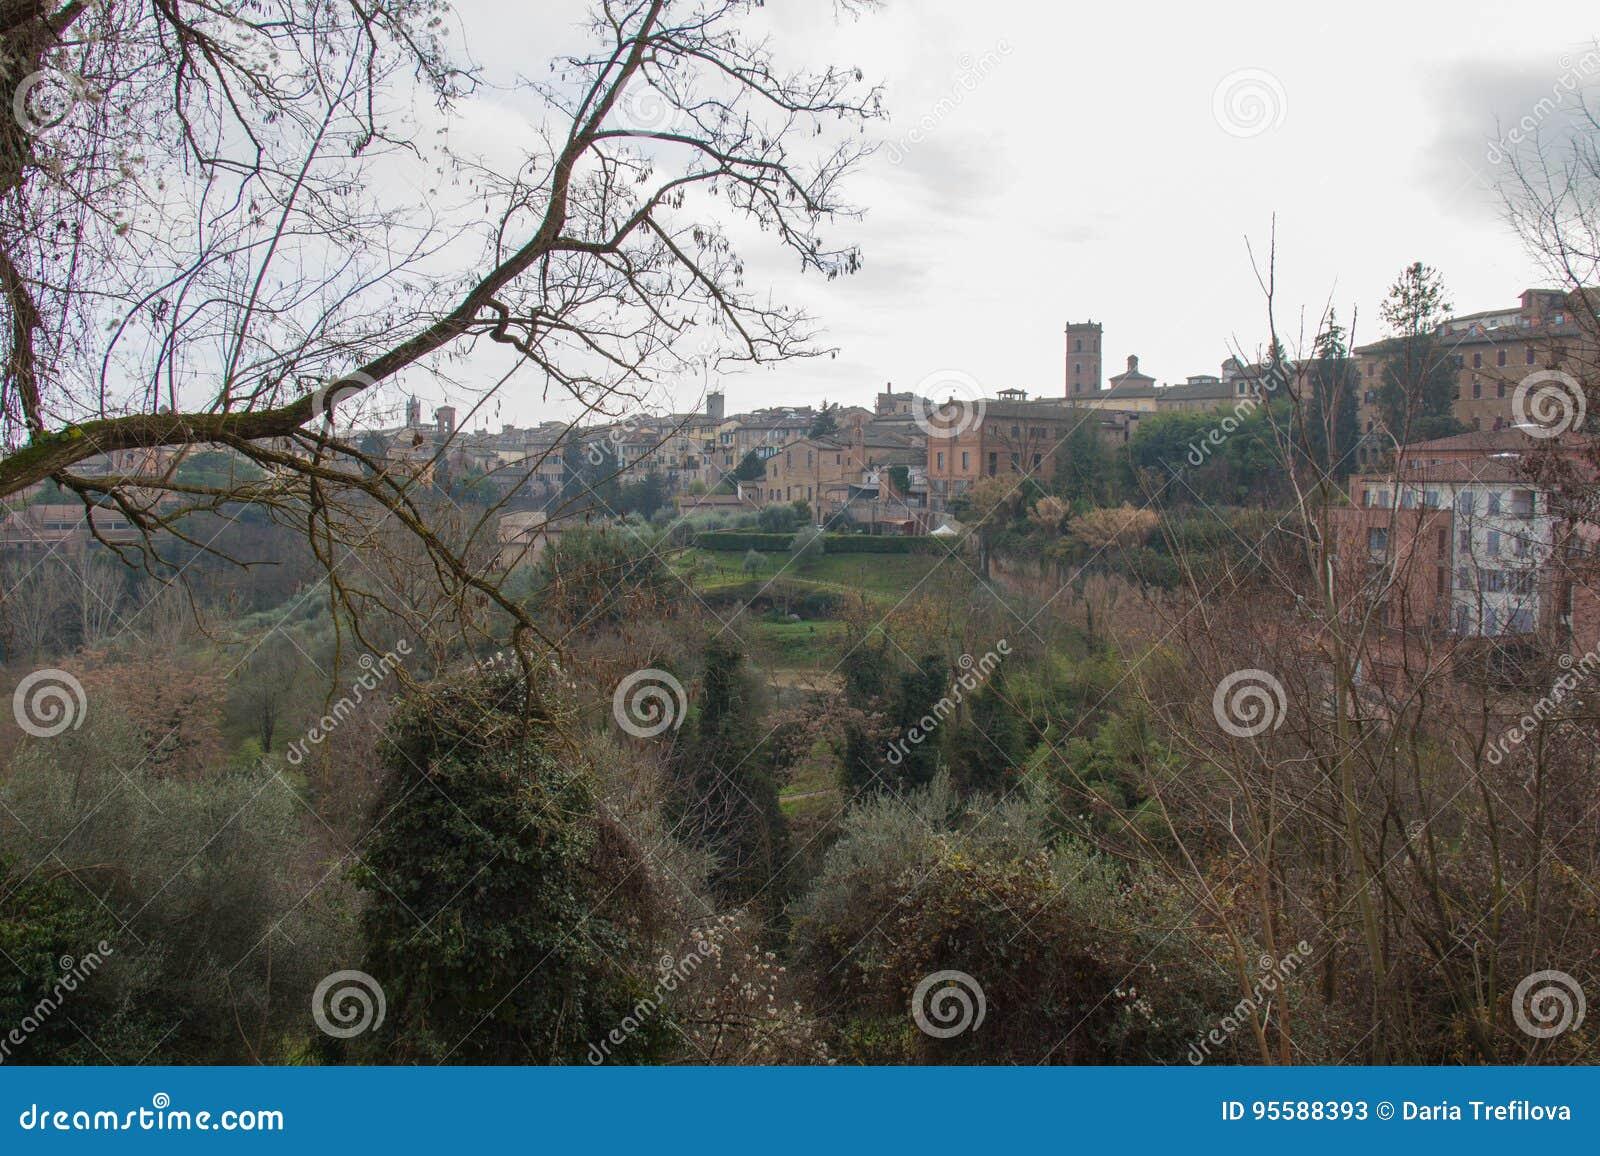 Siena landscape. Tuscany, Italy.